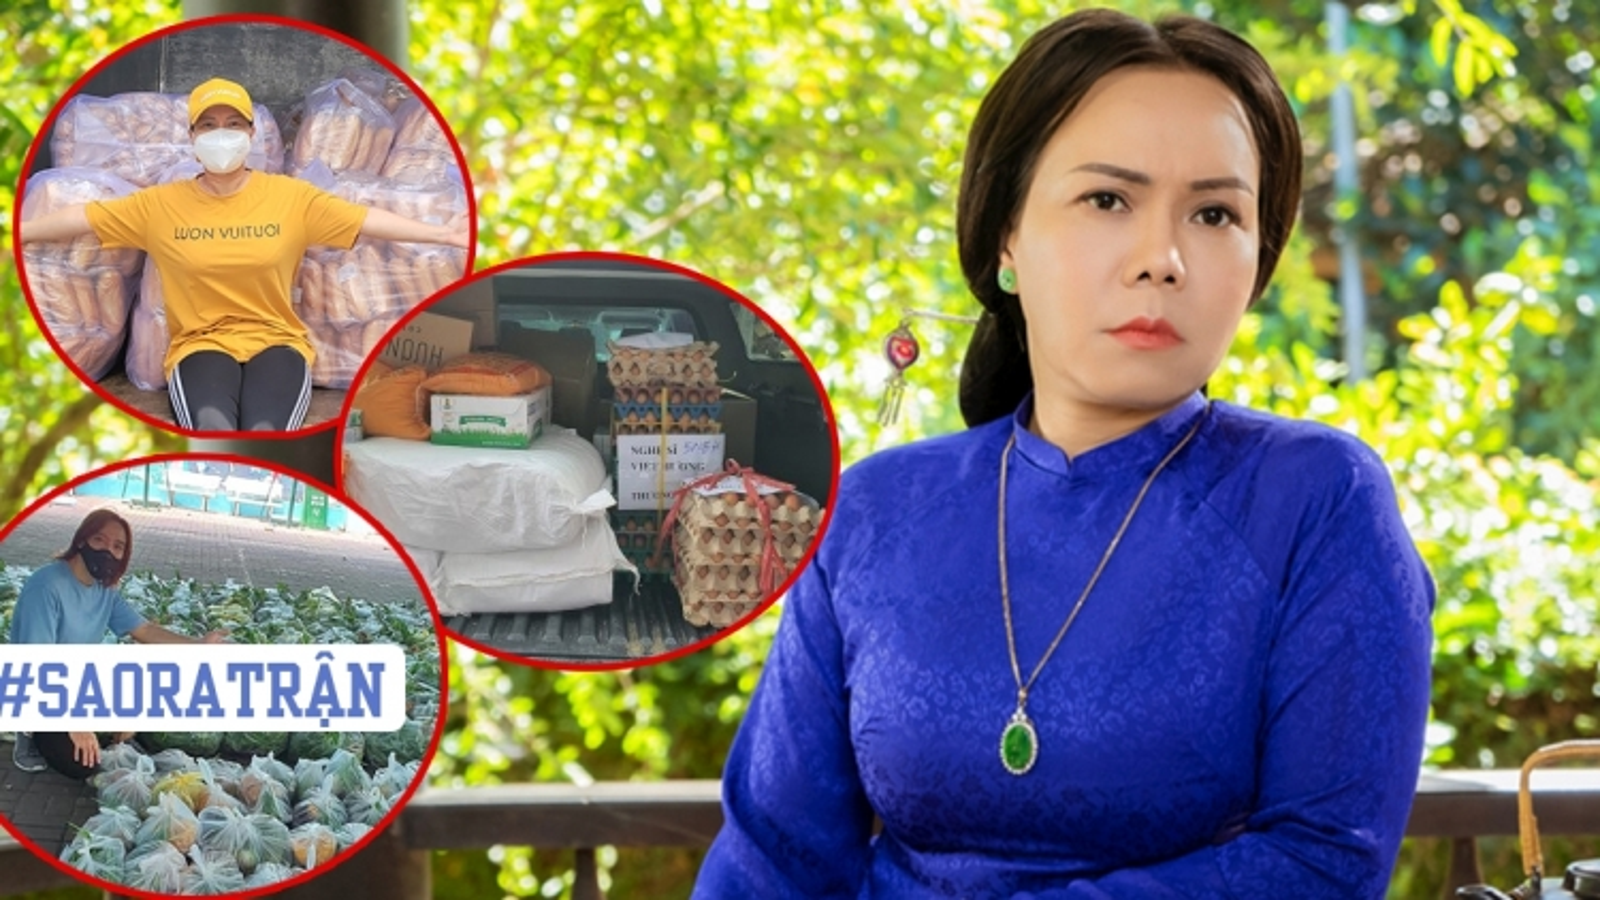 Chuyện showbiz: Việt Hương bức xúc lên tiếng khi bị yêu cầu sao kê từ thiện